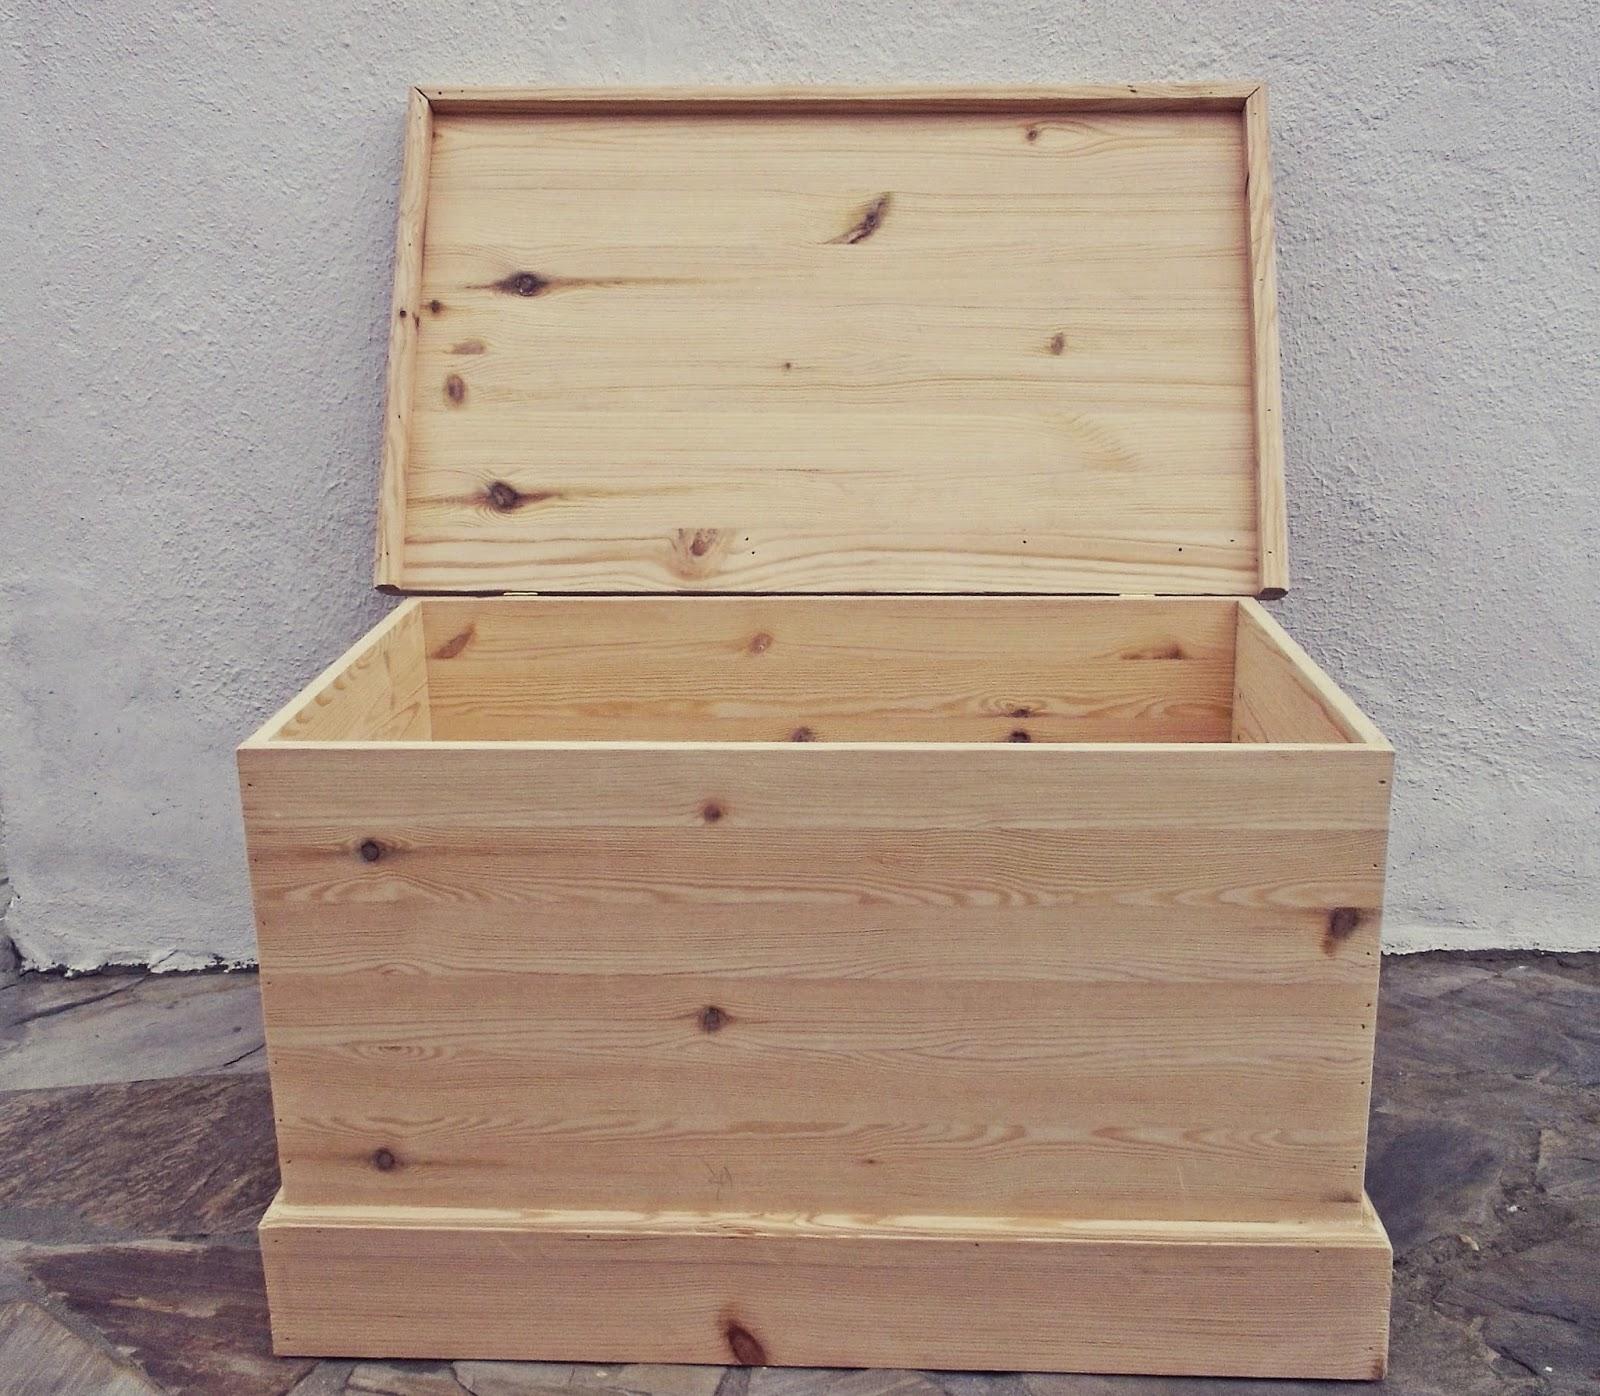 Madera artesana productos elaborados artesanalmente gran ba l ideal para guardar los - Como hacer un baul para guardar juguetes ...